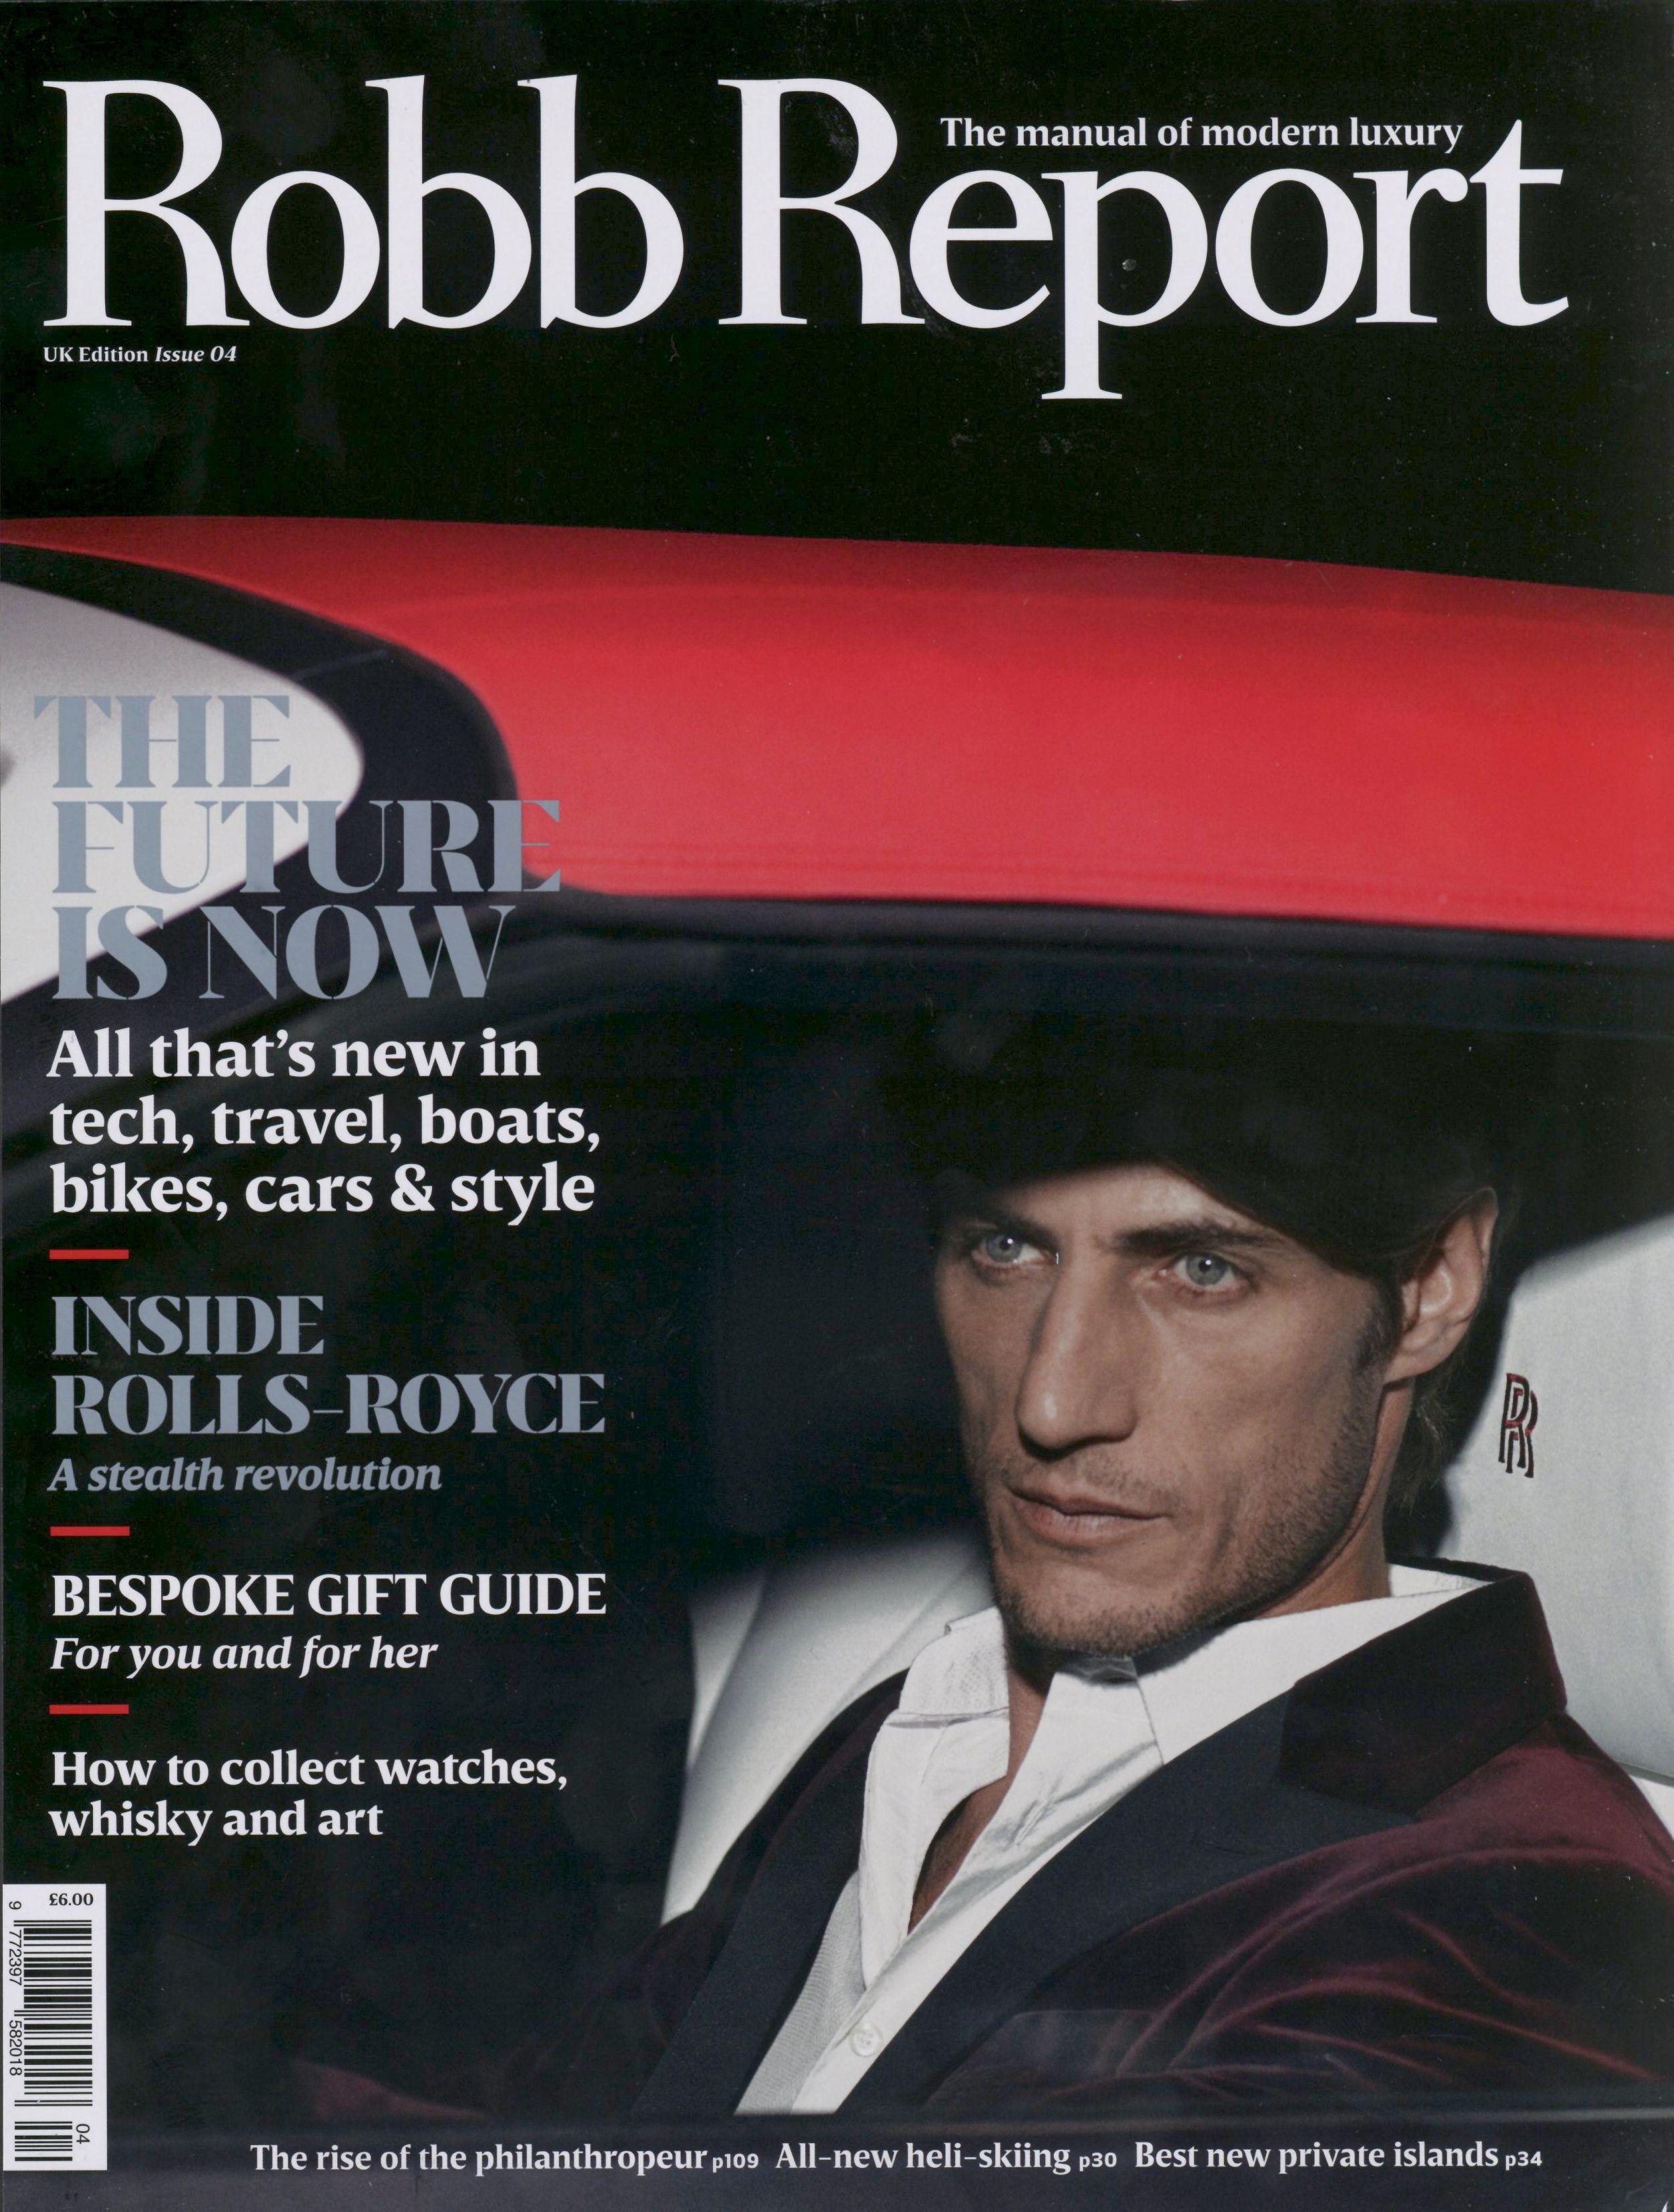 Axel Hermaan taken the cover of Robb Report